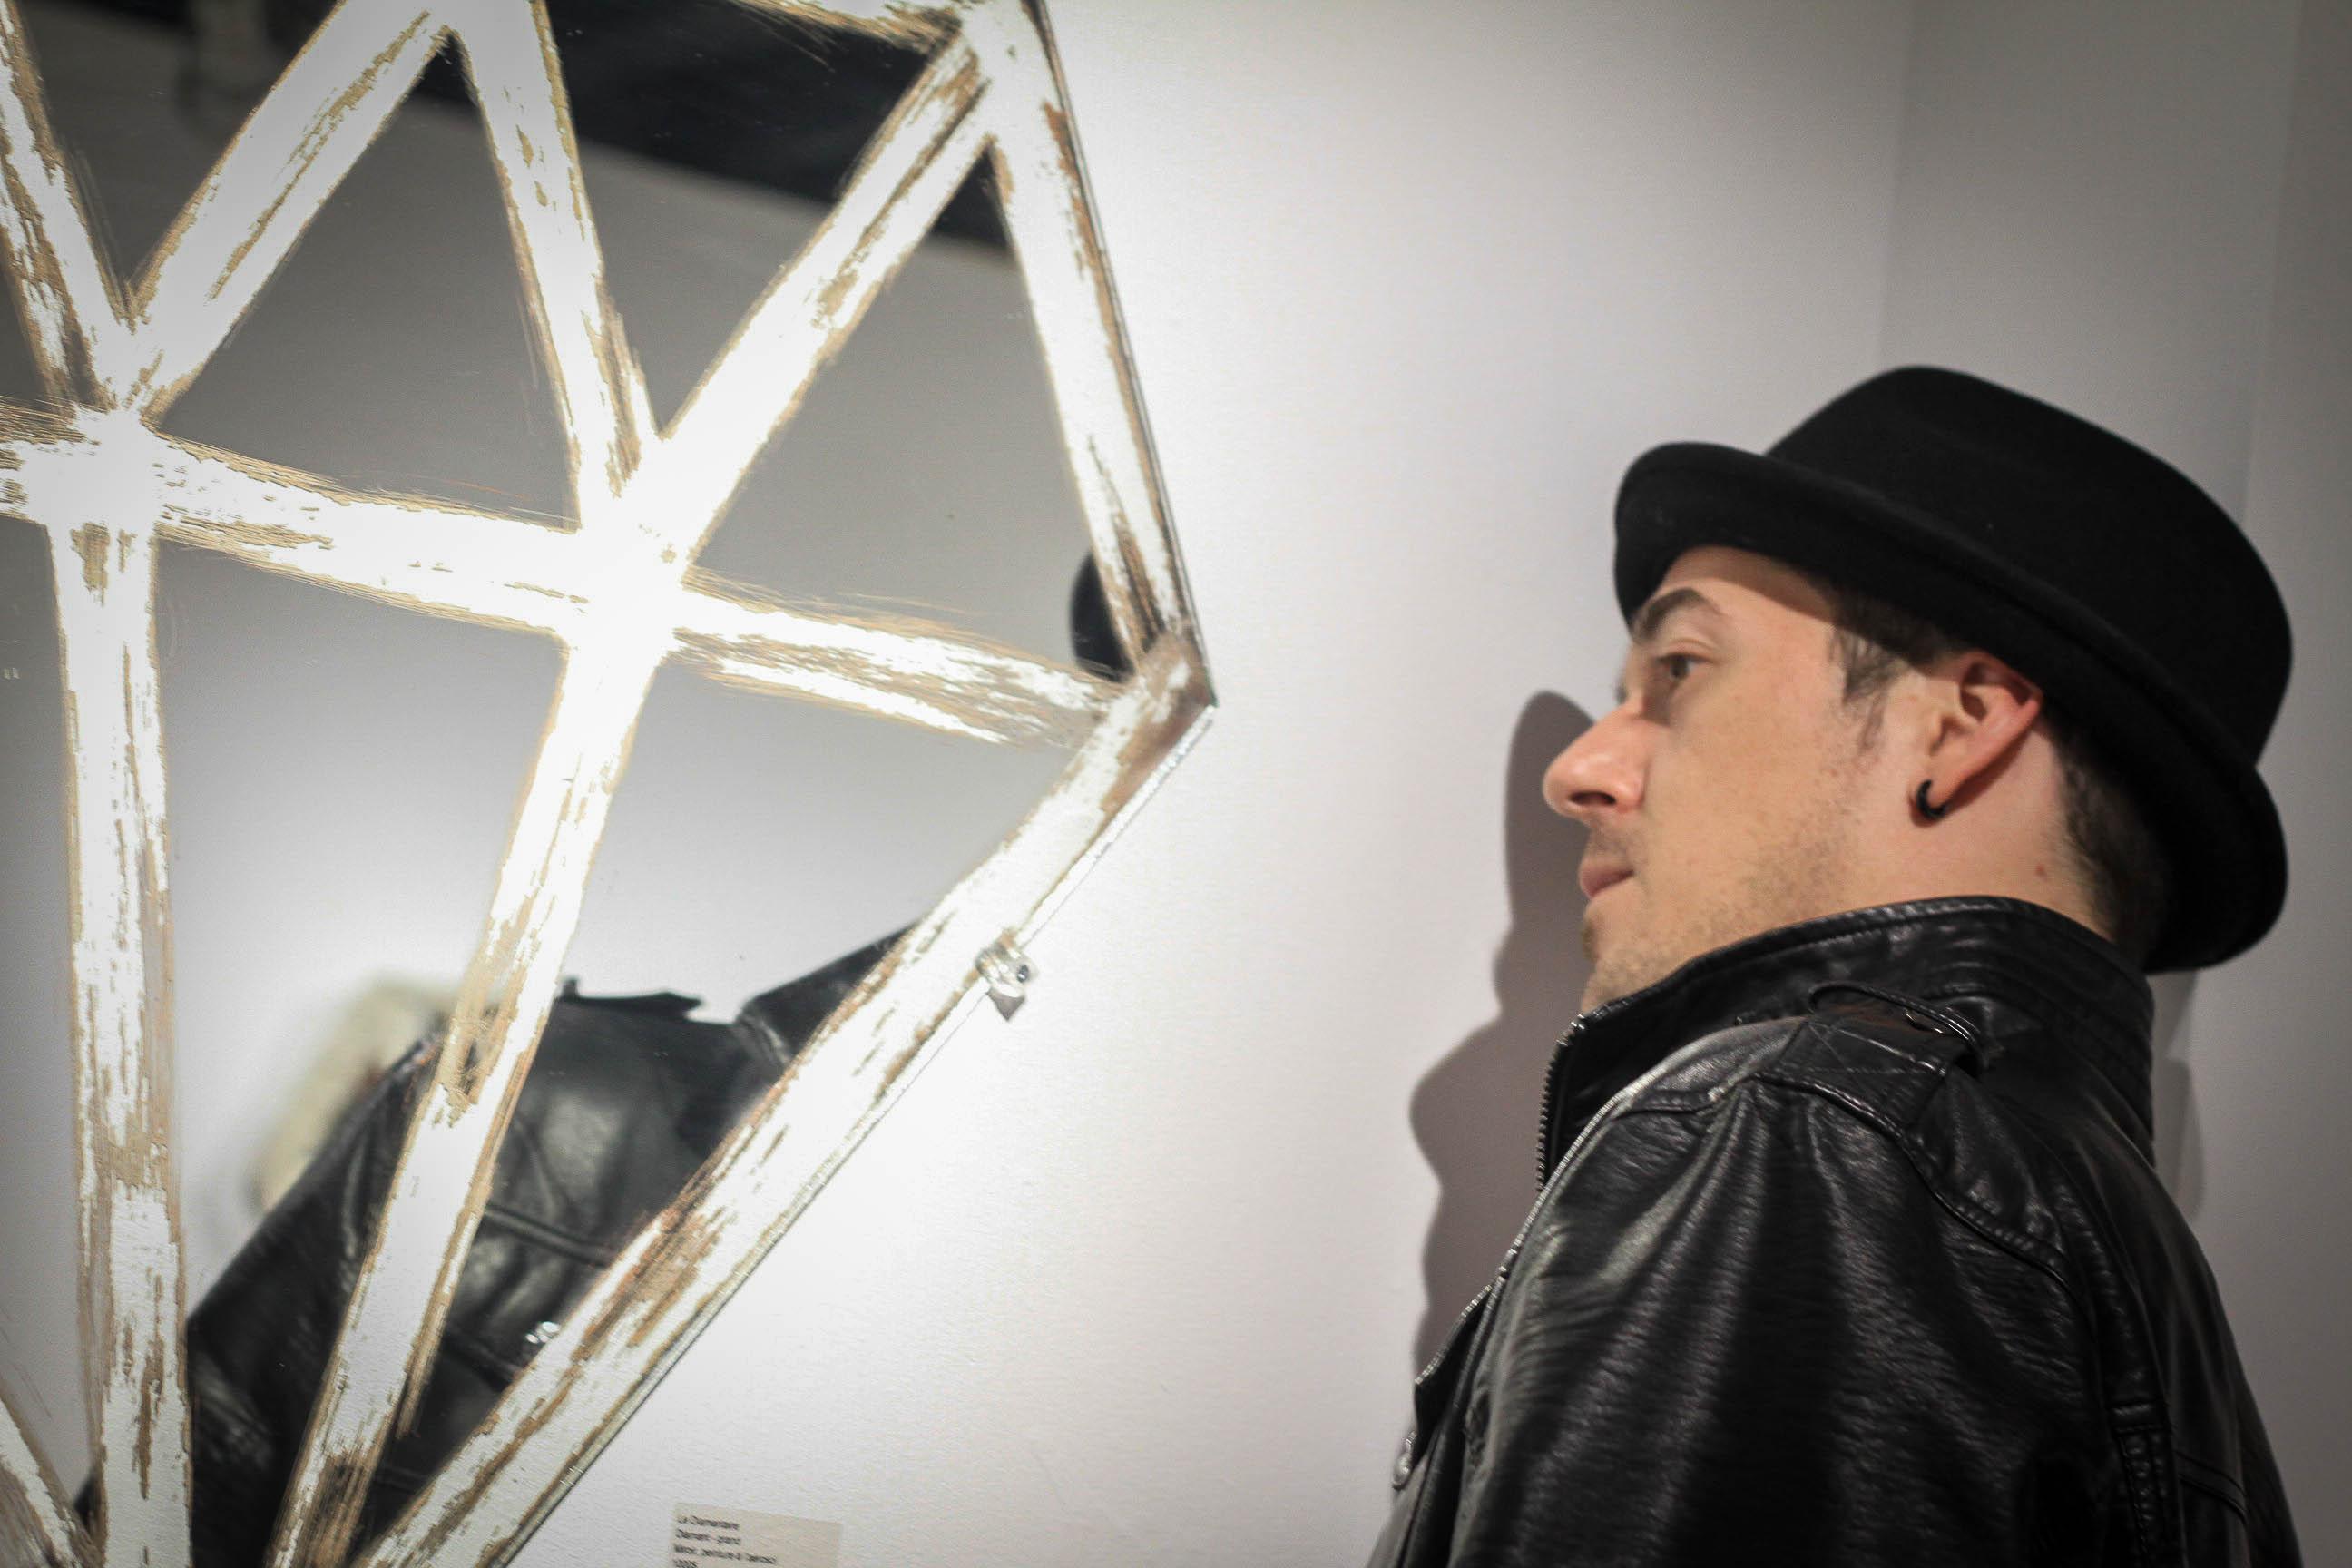 L'artiste parisien de talent, le Diamantaire, débarque à La Station 16